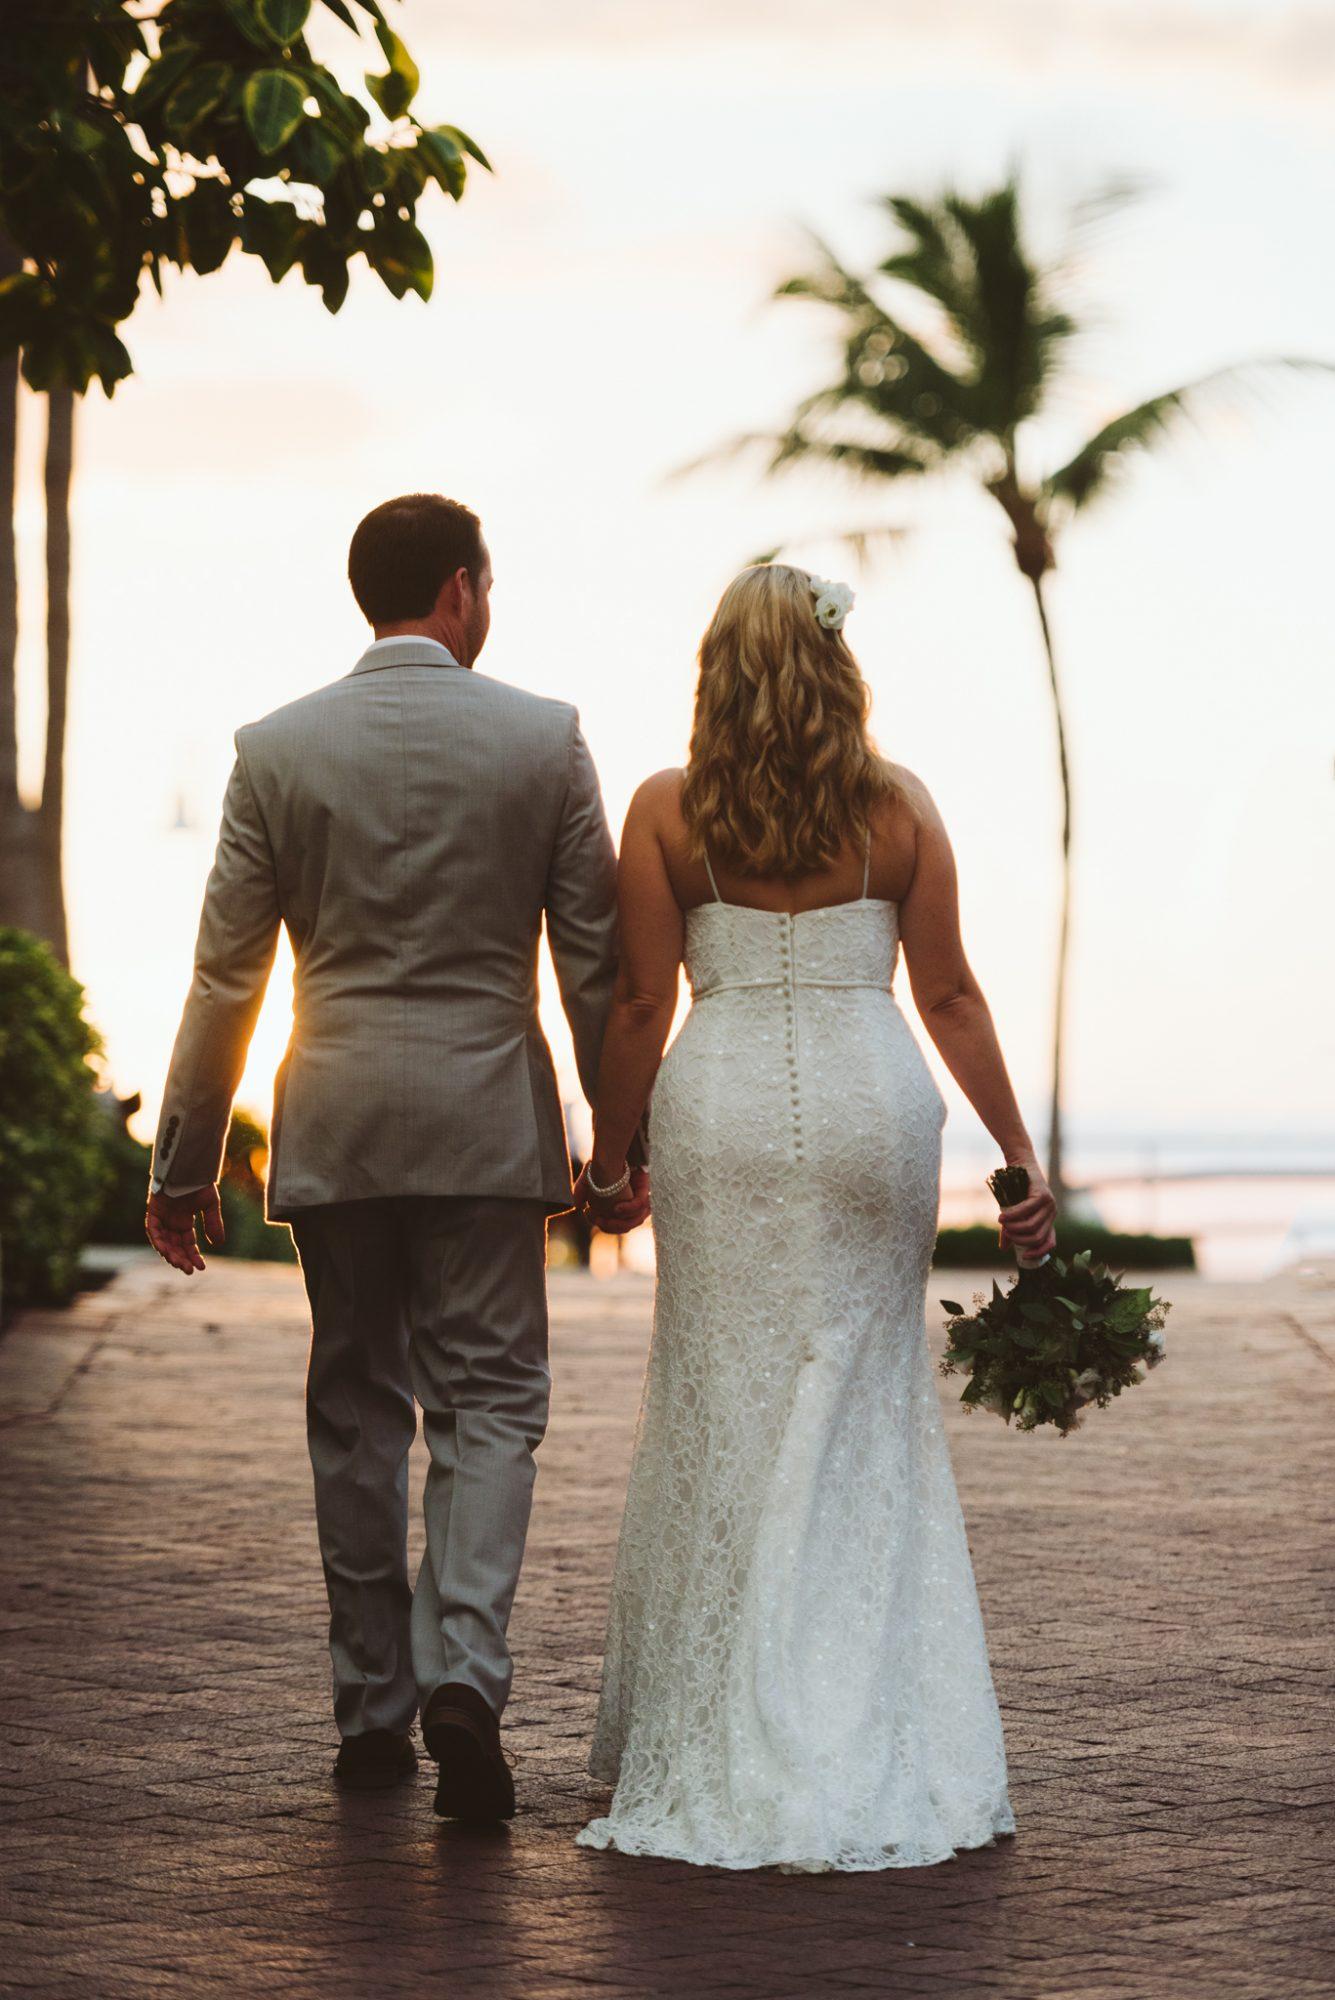 Colleen Jonathan Audubon House Wedding Key West 53 - Colleen & Jonathon | Audubon House and Gardens | Key West Wedding